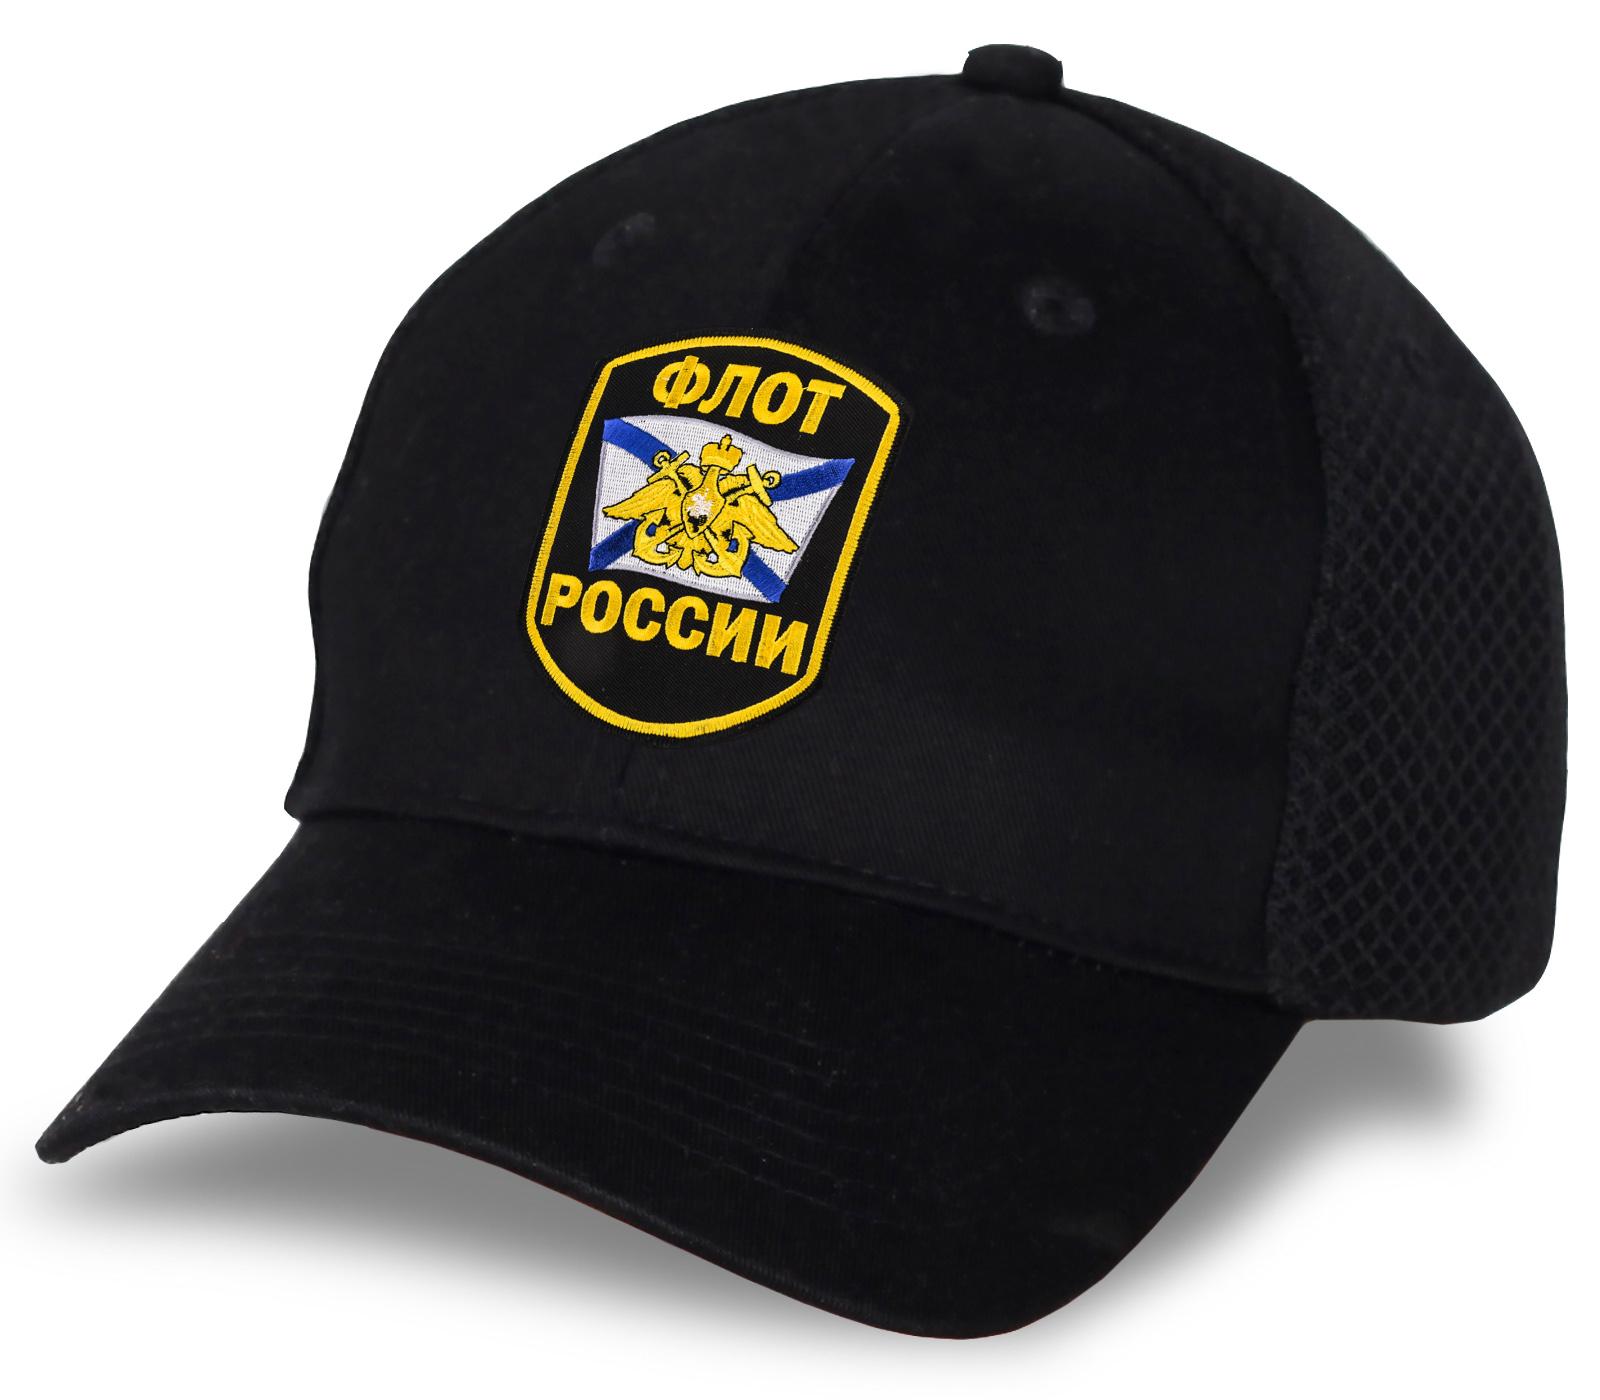 Бейсболка хлопковая Флот России